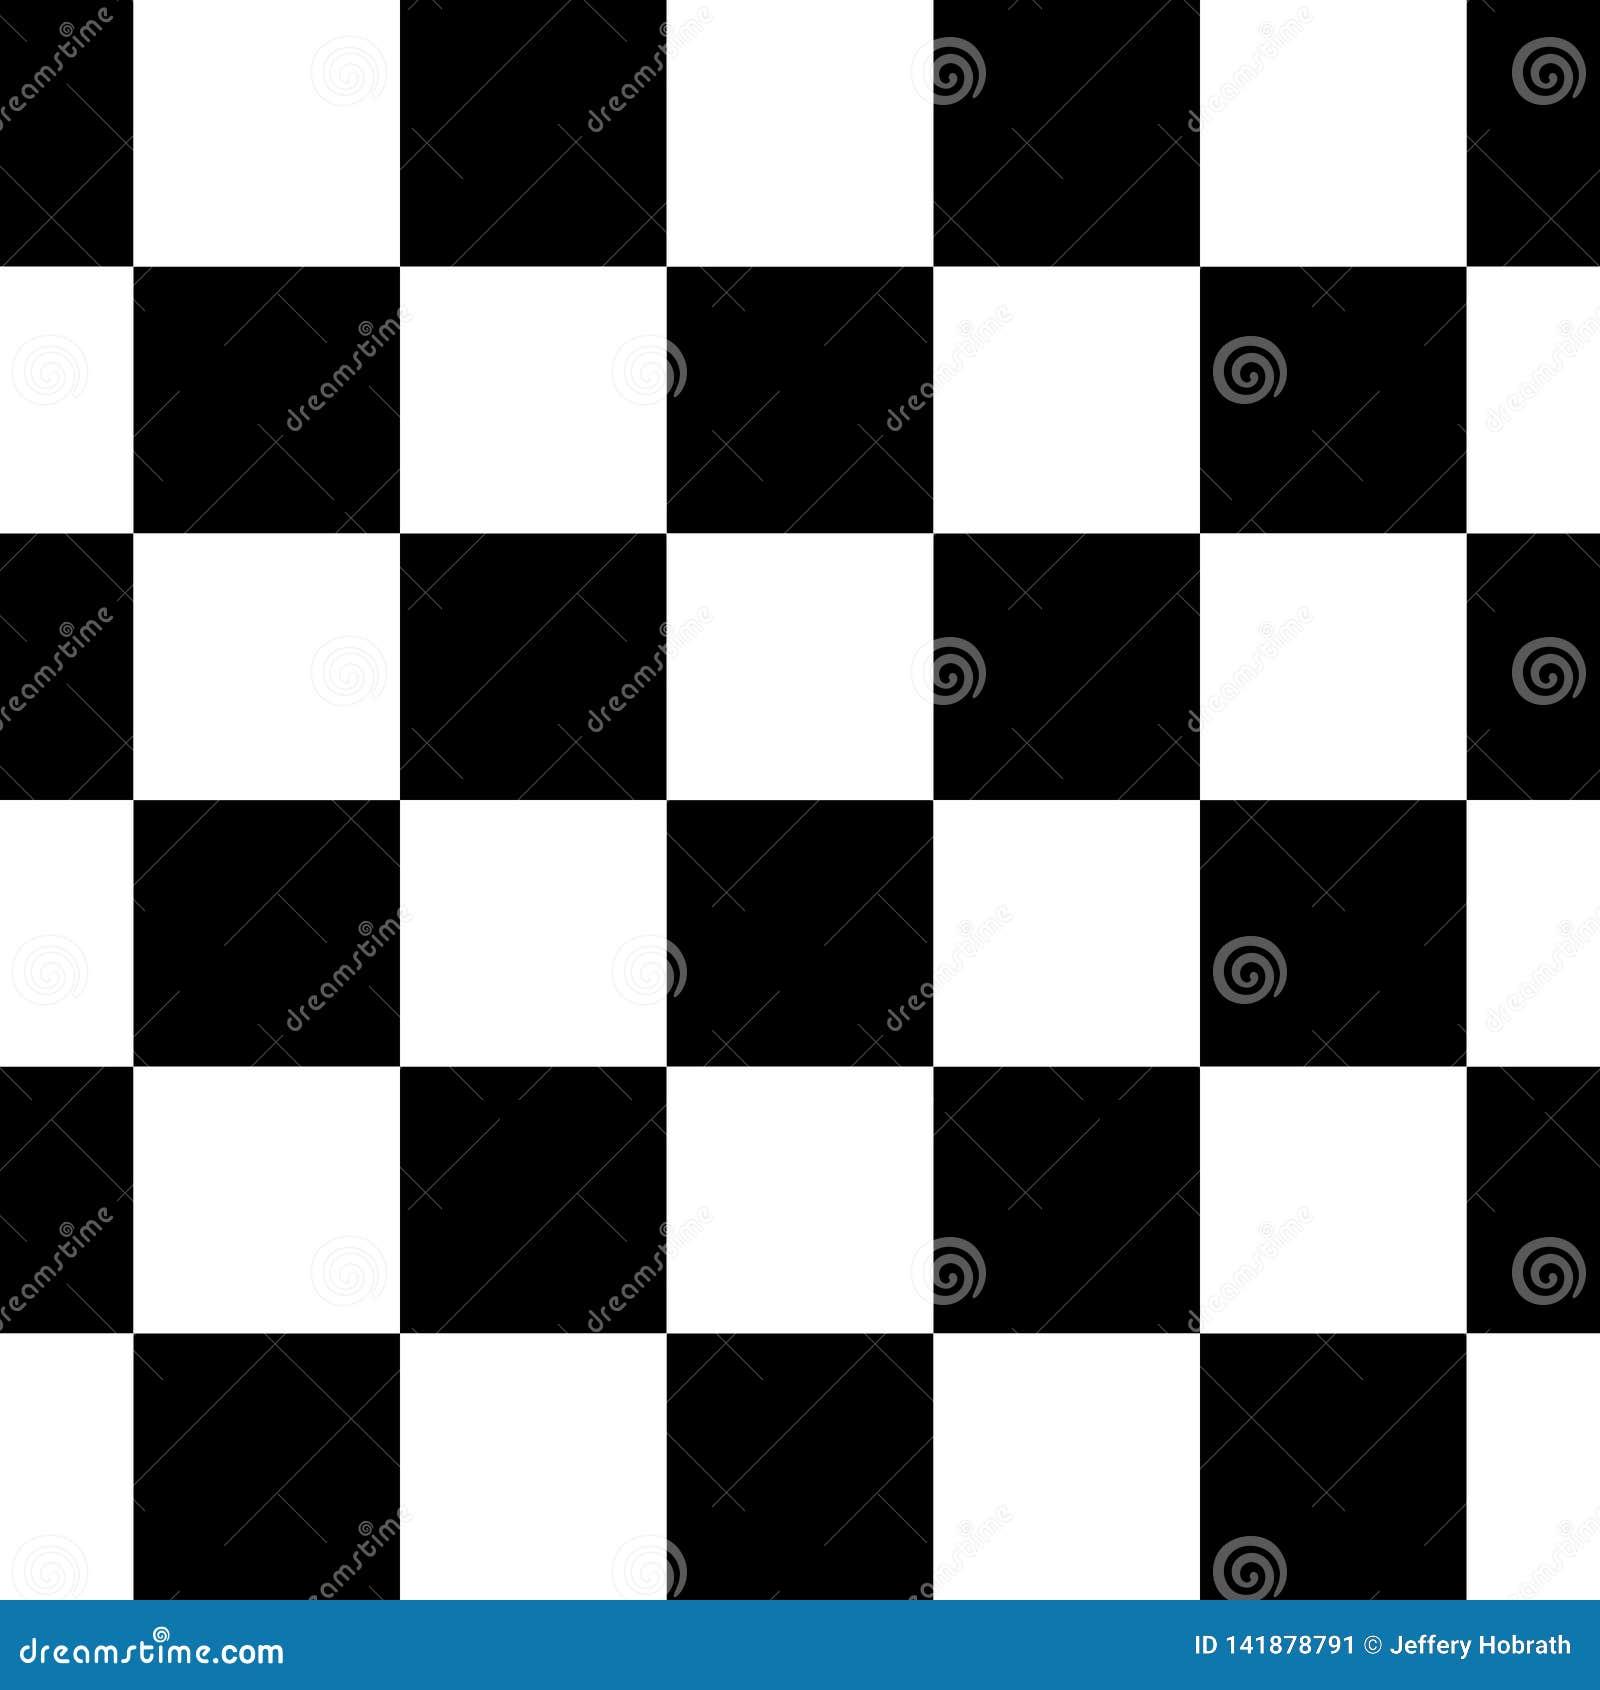 Karierte nahtlose wiederholende Muster-Hintergrund-Vektor-Schwarzweiss-Illustration